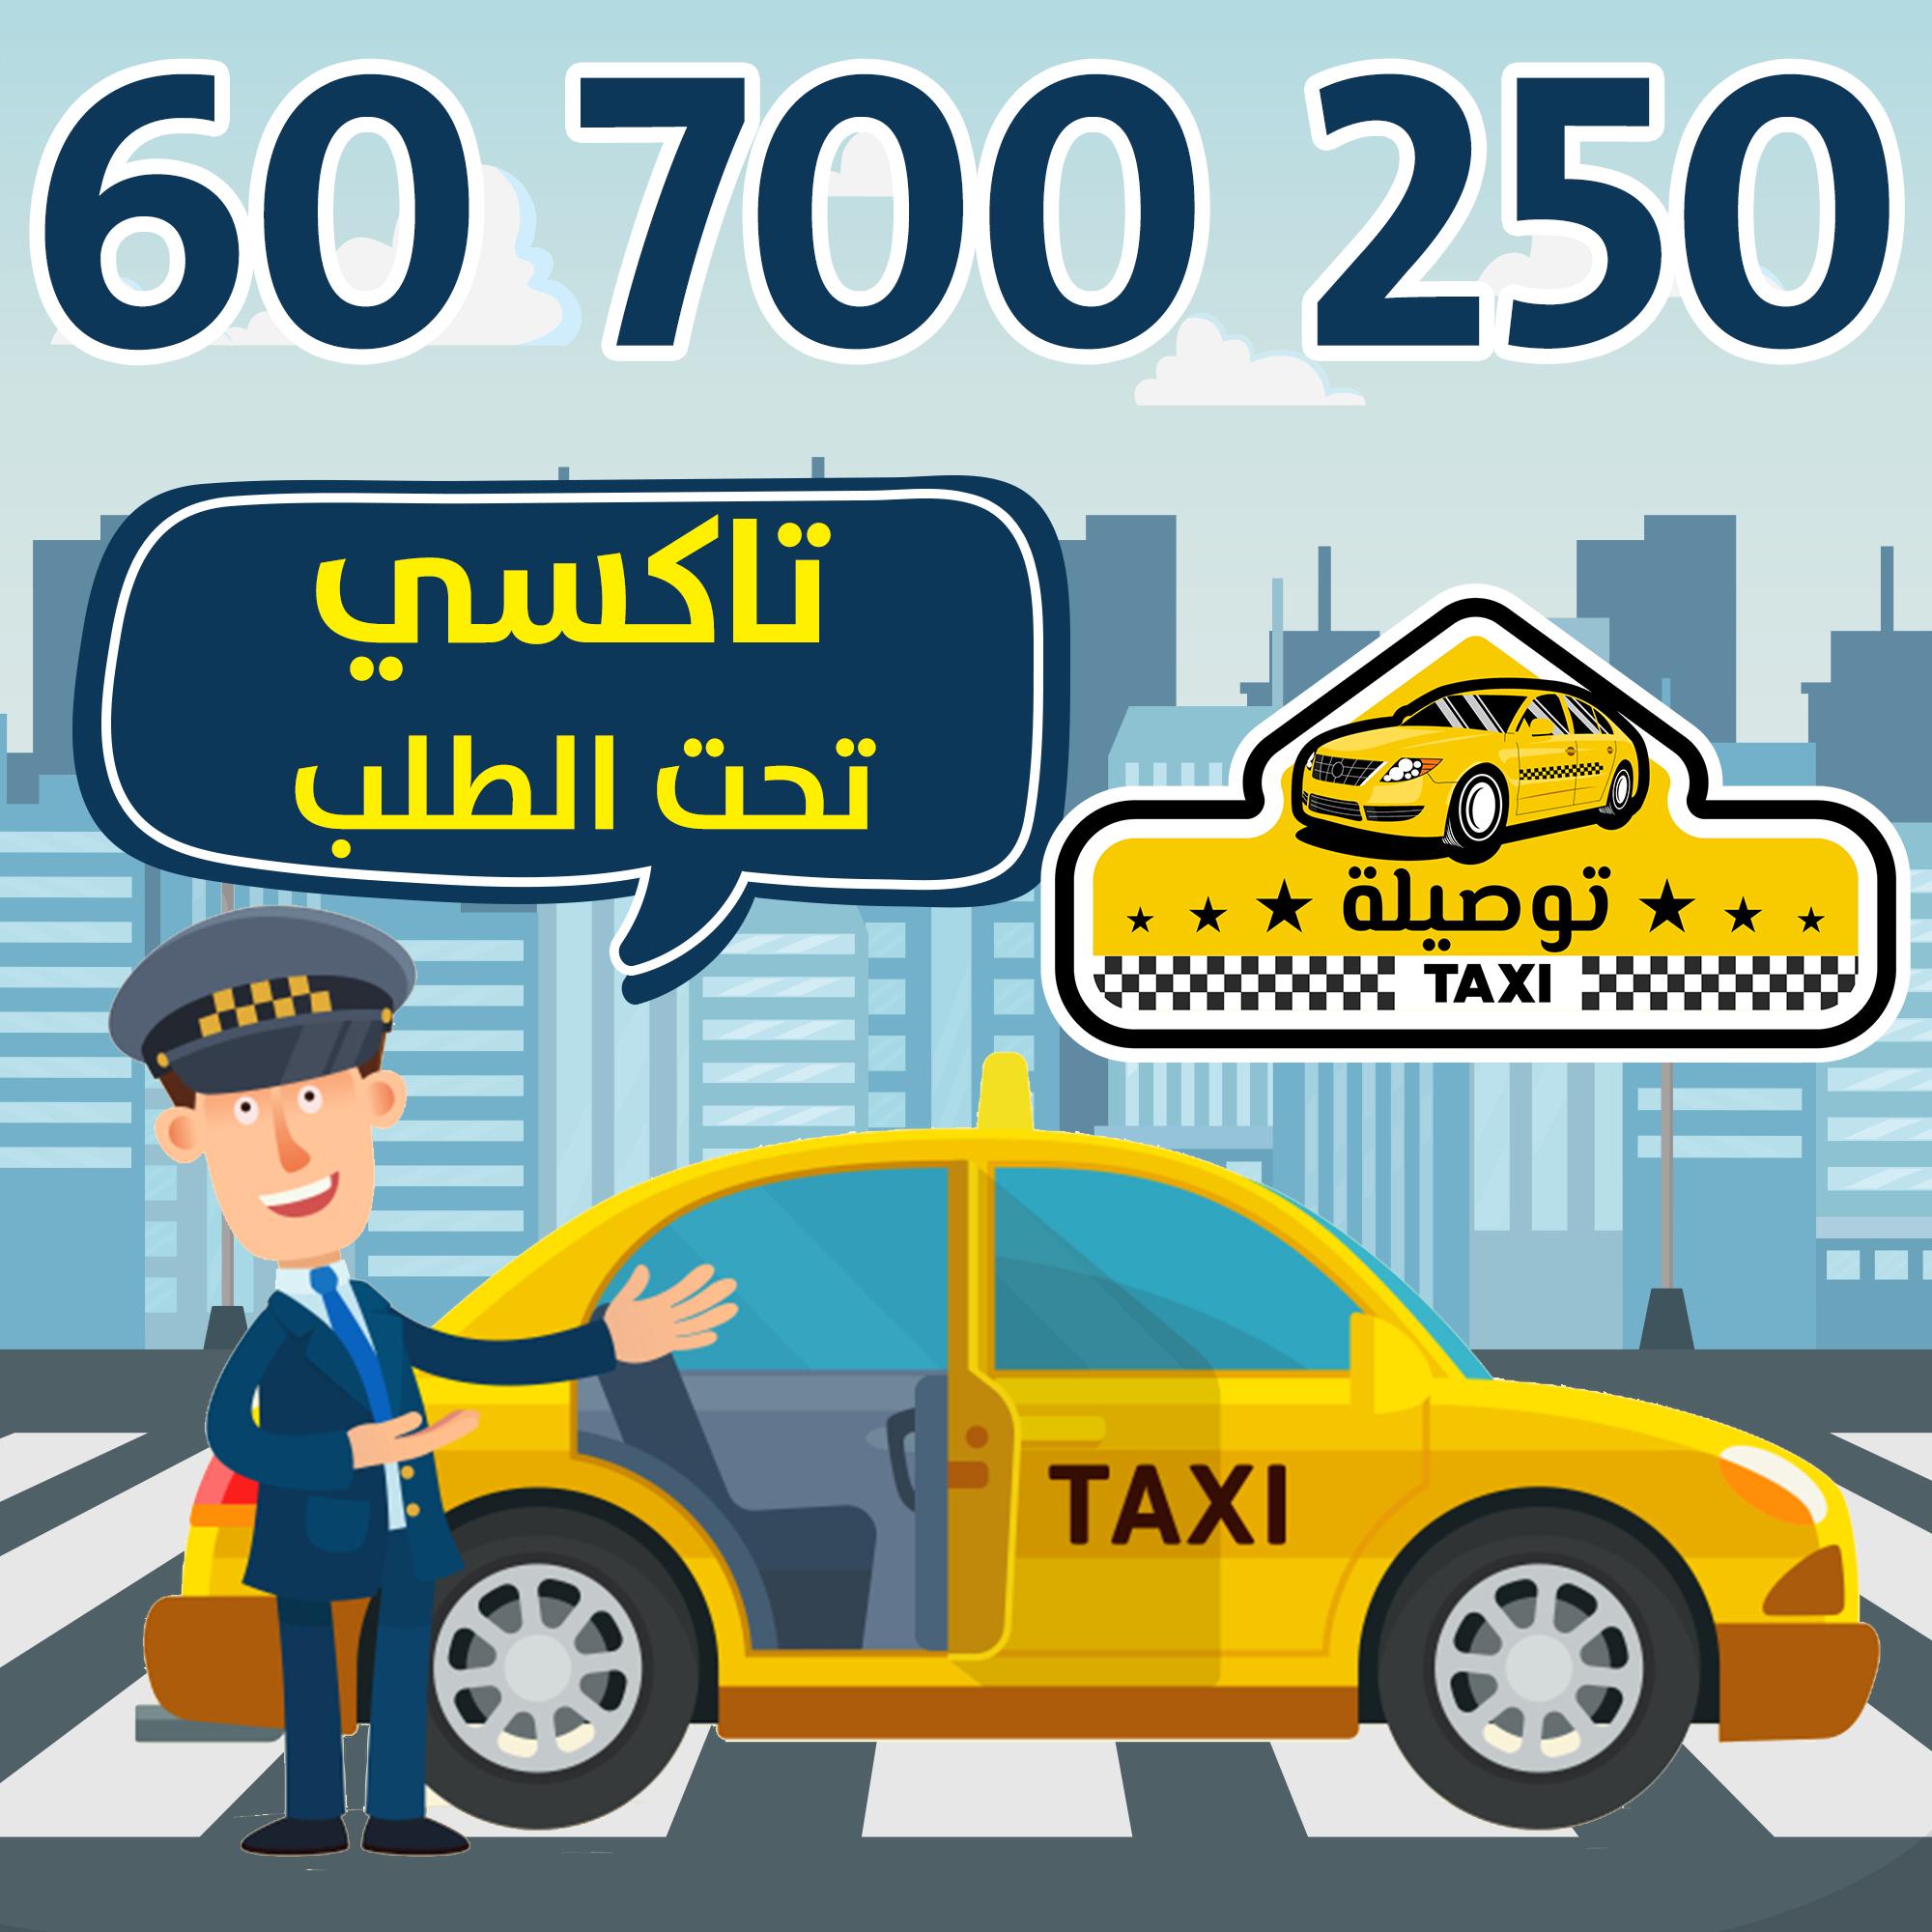 تاكسي توصيلة في شارع البخاري